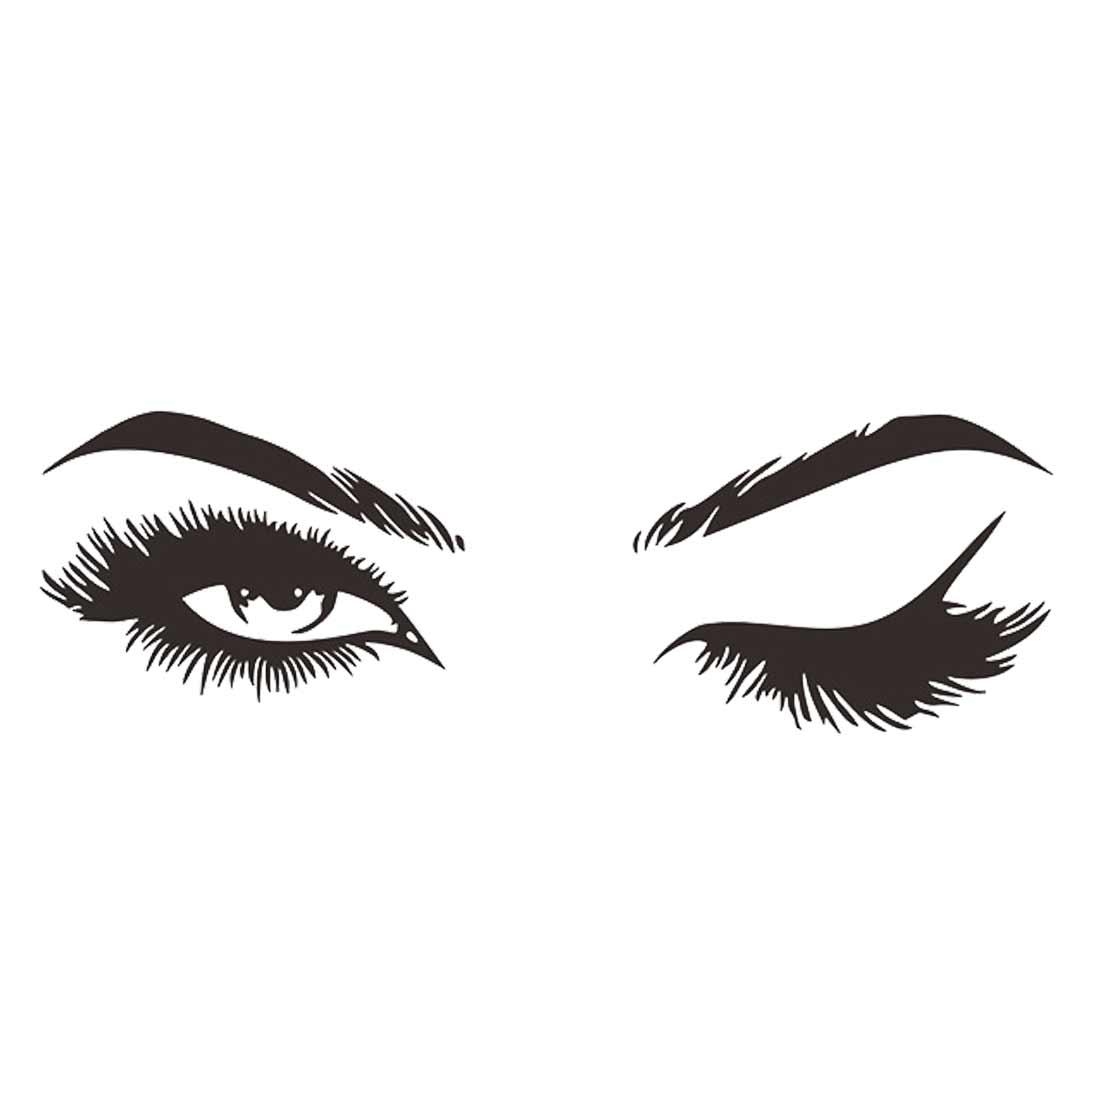 27+] Eyelashes Wallpaper on WallpaperSafari